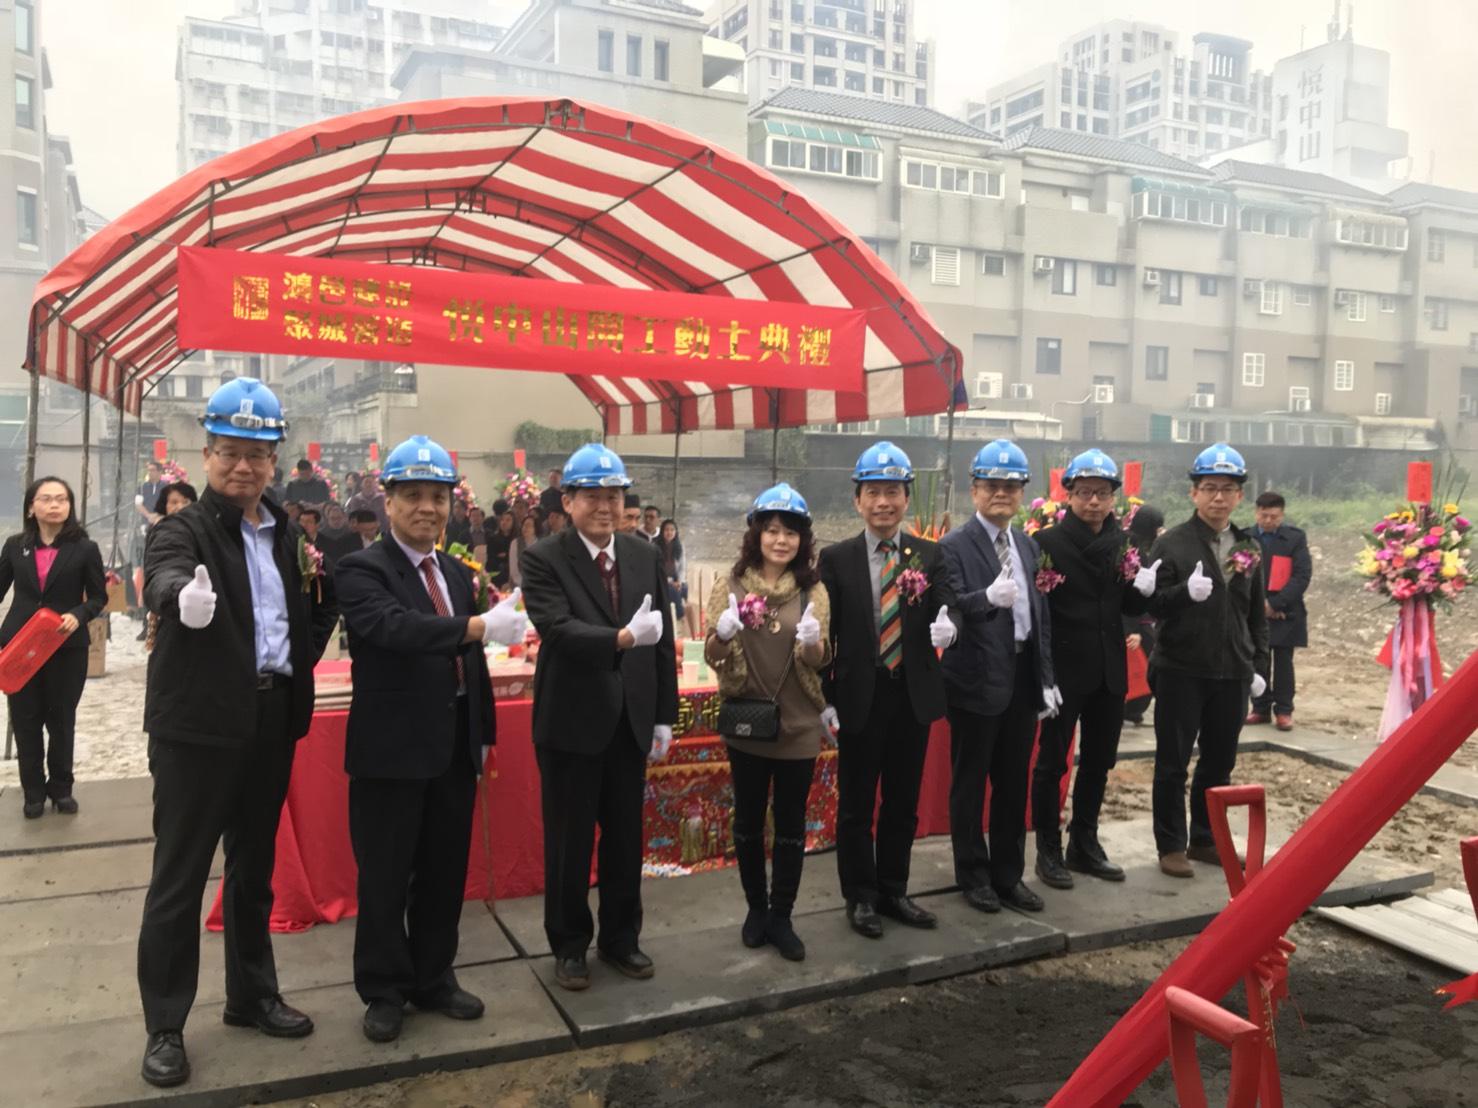 圖片:「悅中山」太平區預售大樓|鴻邑建設 今動土典禮  雨停放晴帶來好兆頭